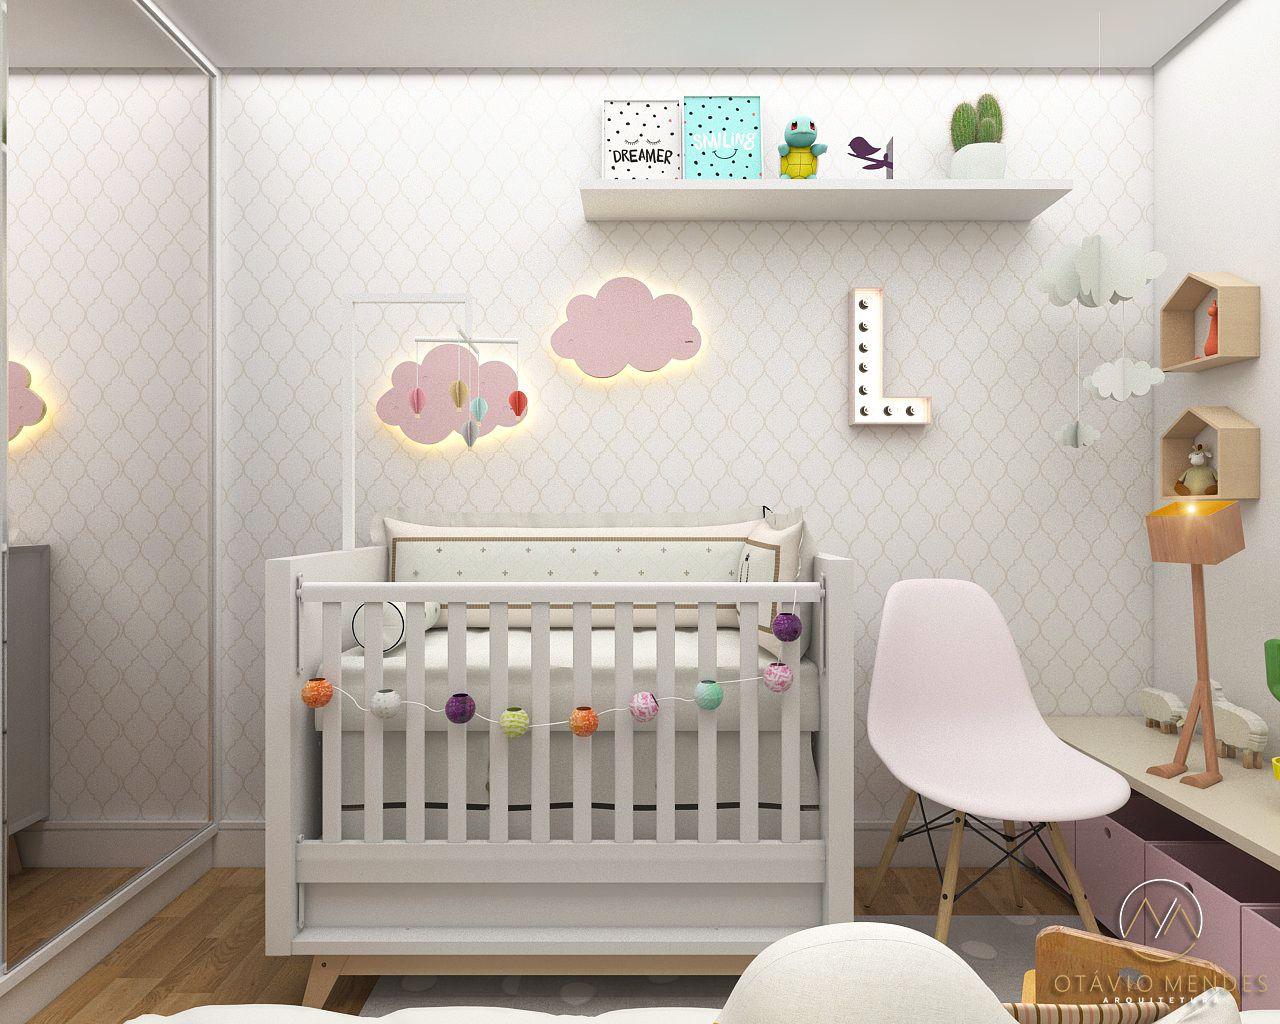 Quarto Infantil Com Cadeira Branca De Ot Vio Mendes 129730 No  ~ Poltrona Para Quarto Infantil E Decoração Simples Quarto